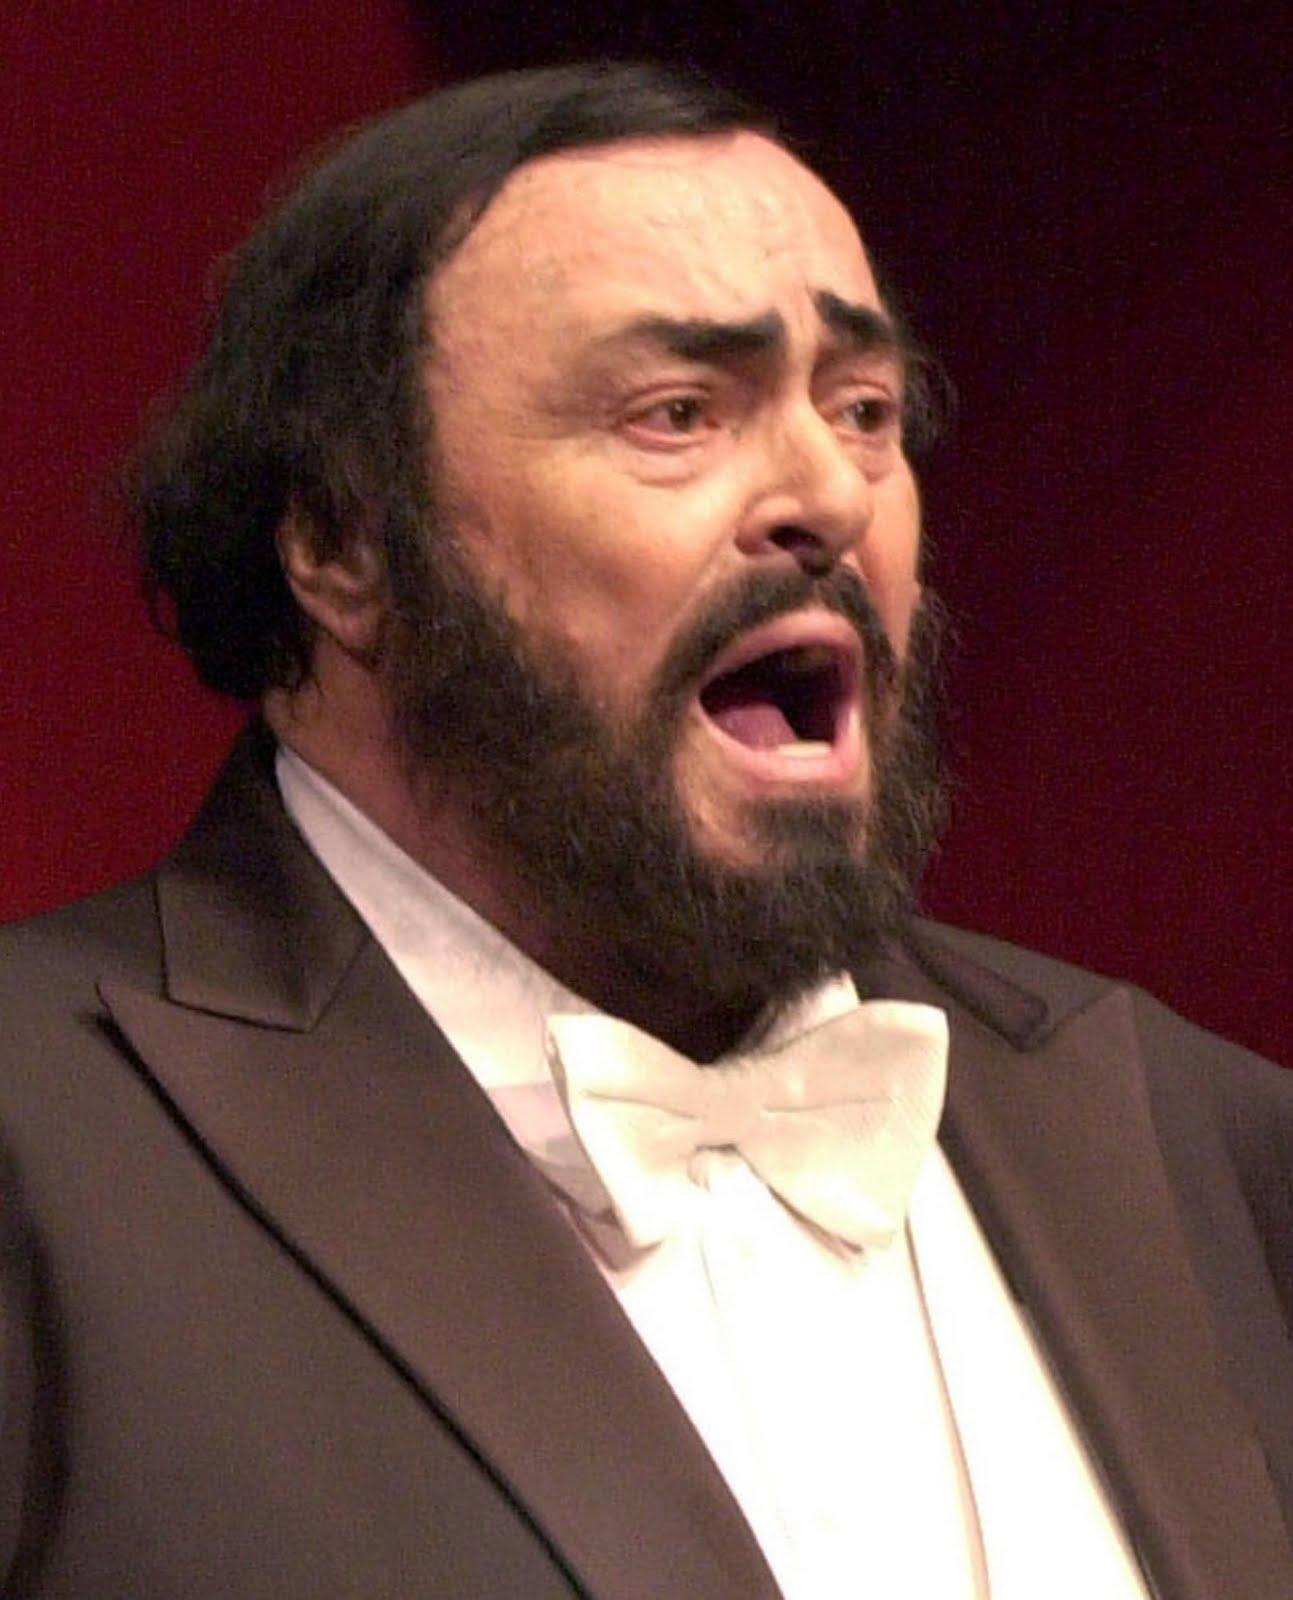 Luciano Pavarotti - Pavarotti In Belgium